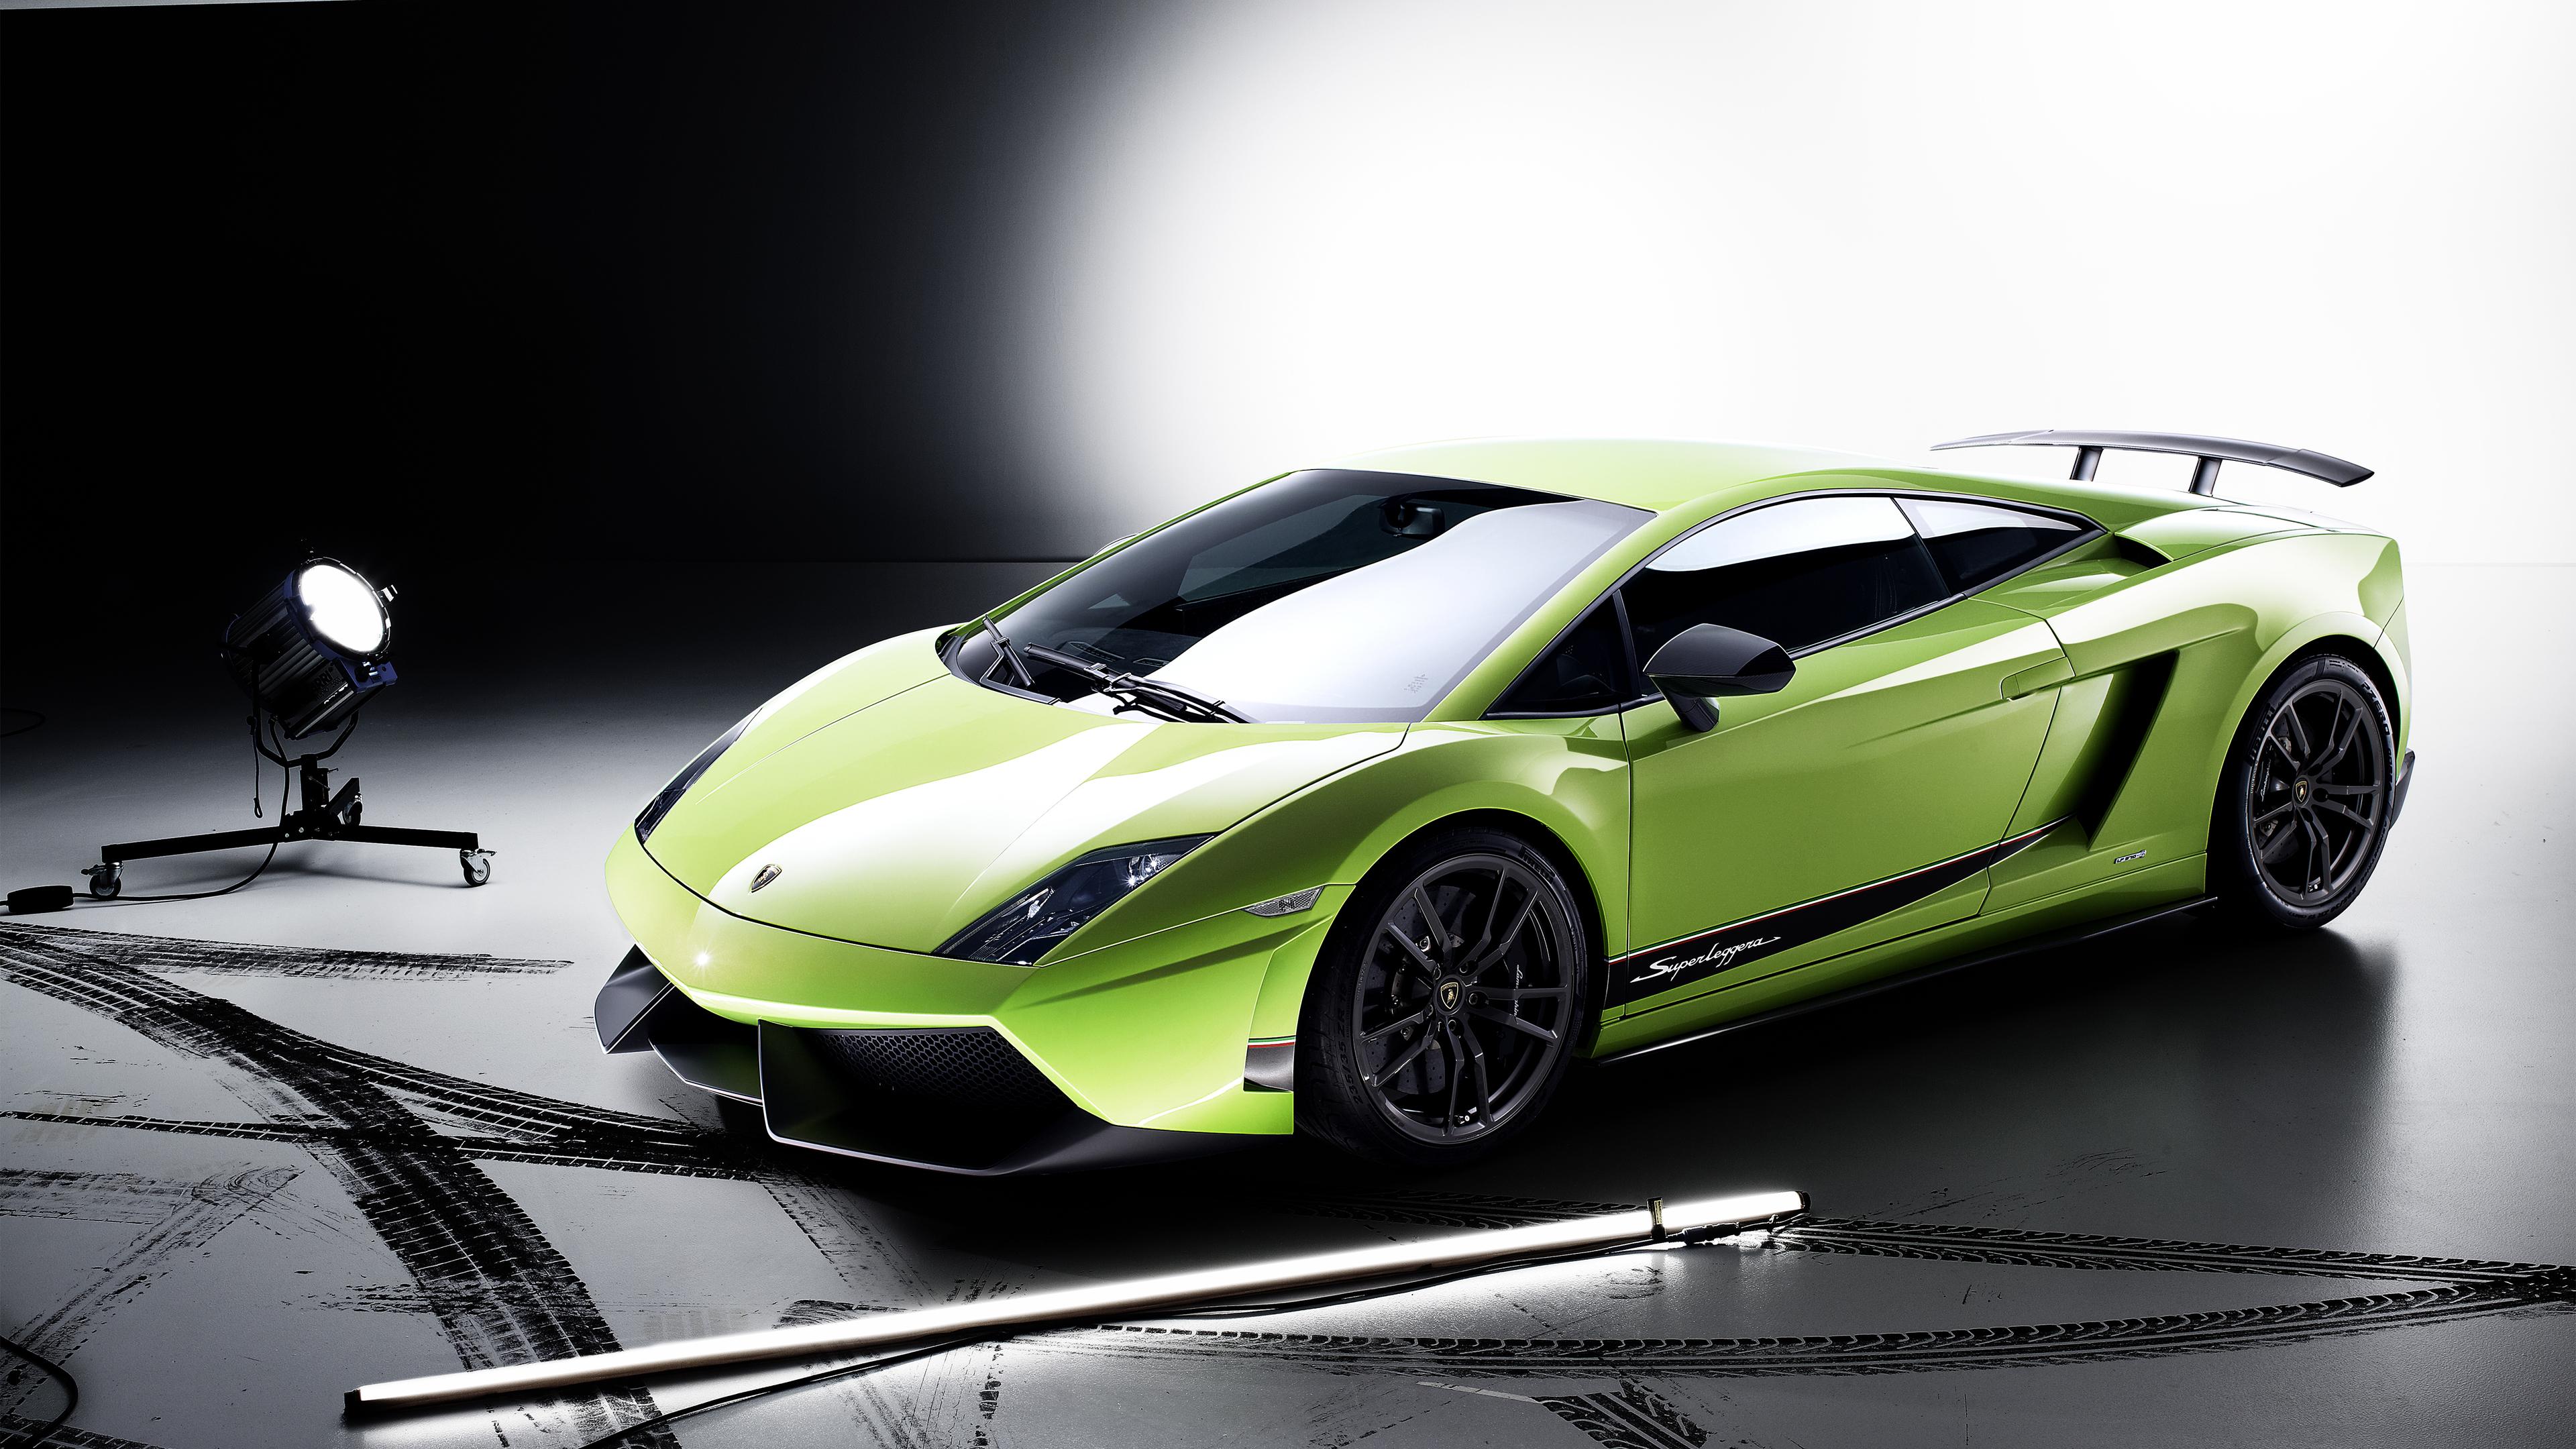 Wallpaper 4k Lamborghini Gallardo Lp570 4 Superleggera 4k 4k